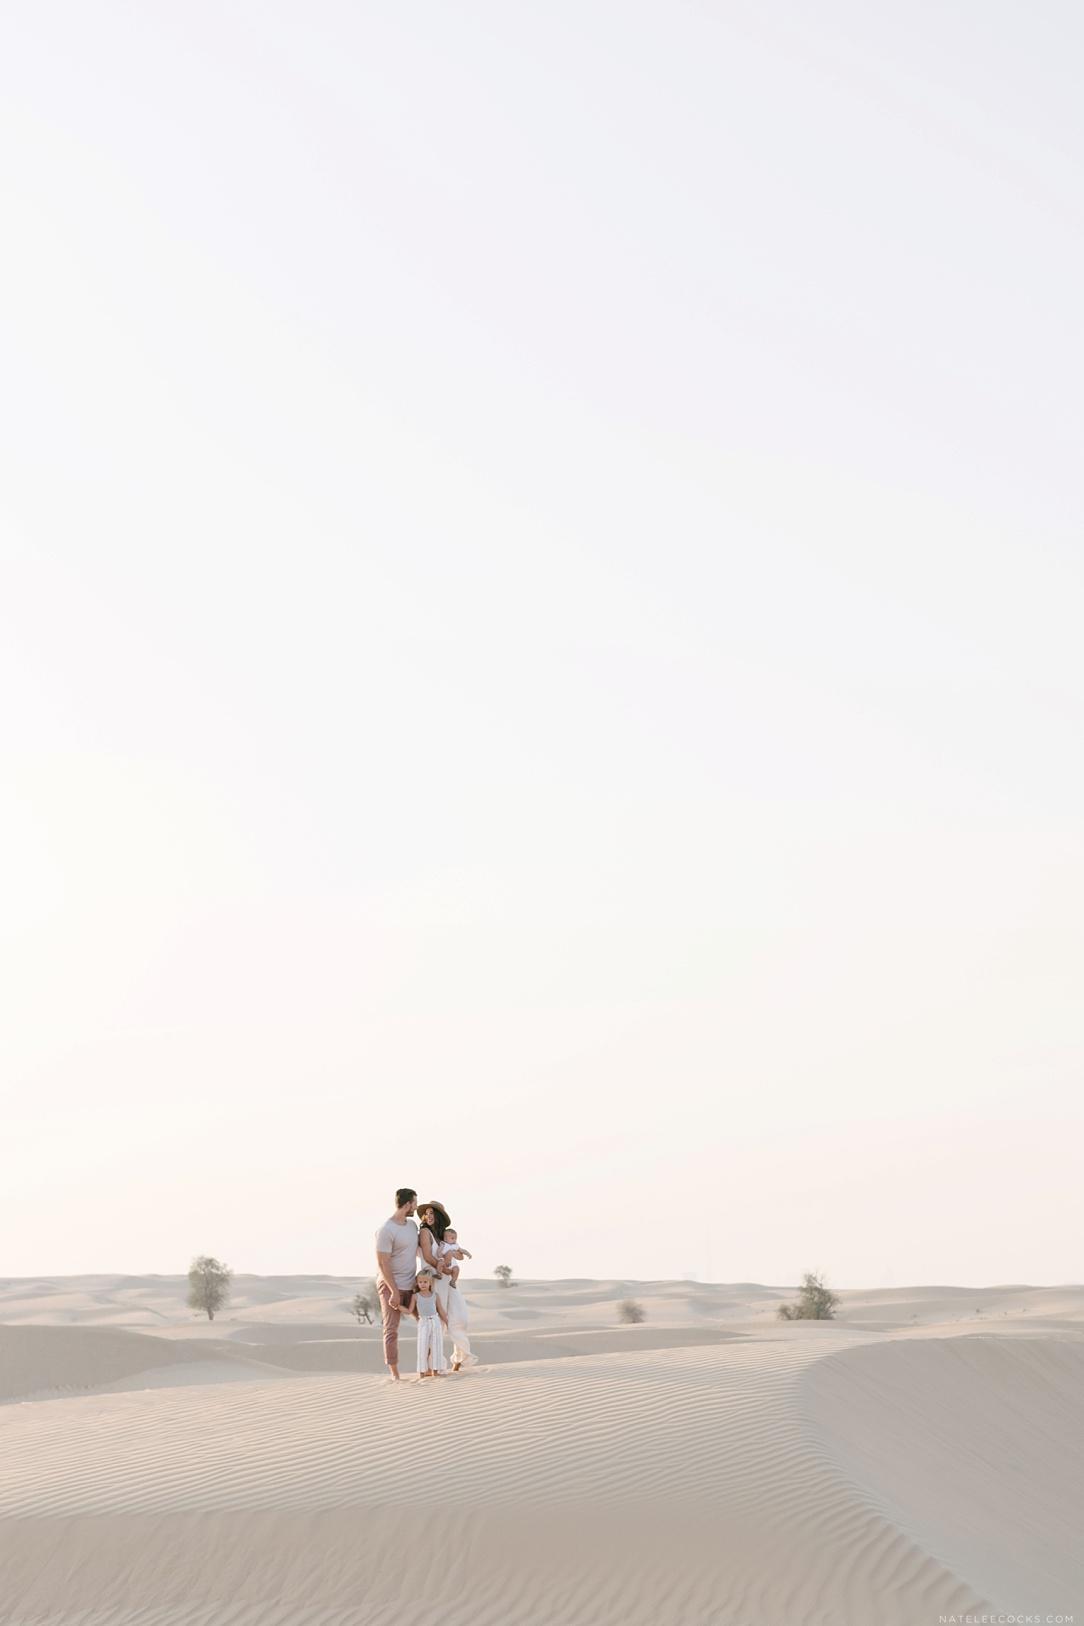 SUNSET TIME IN DESERT | Lucas Family